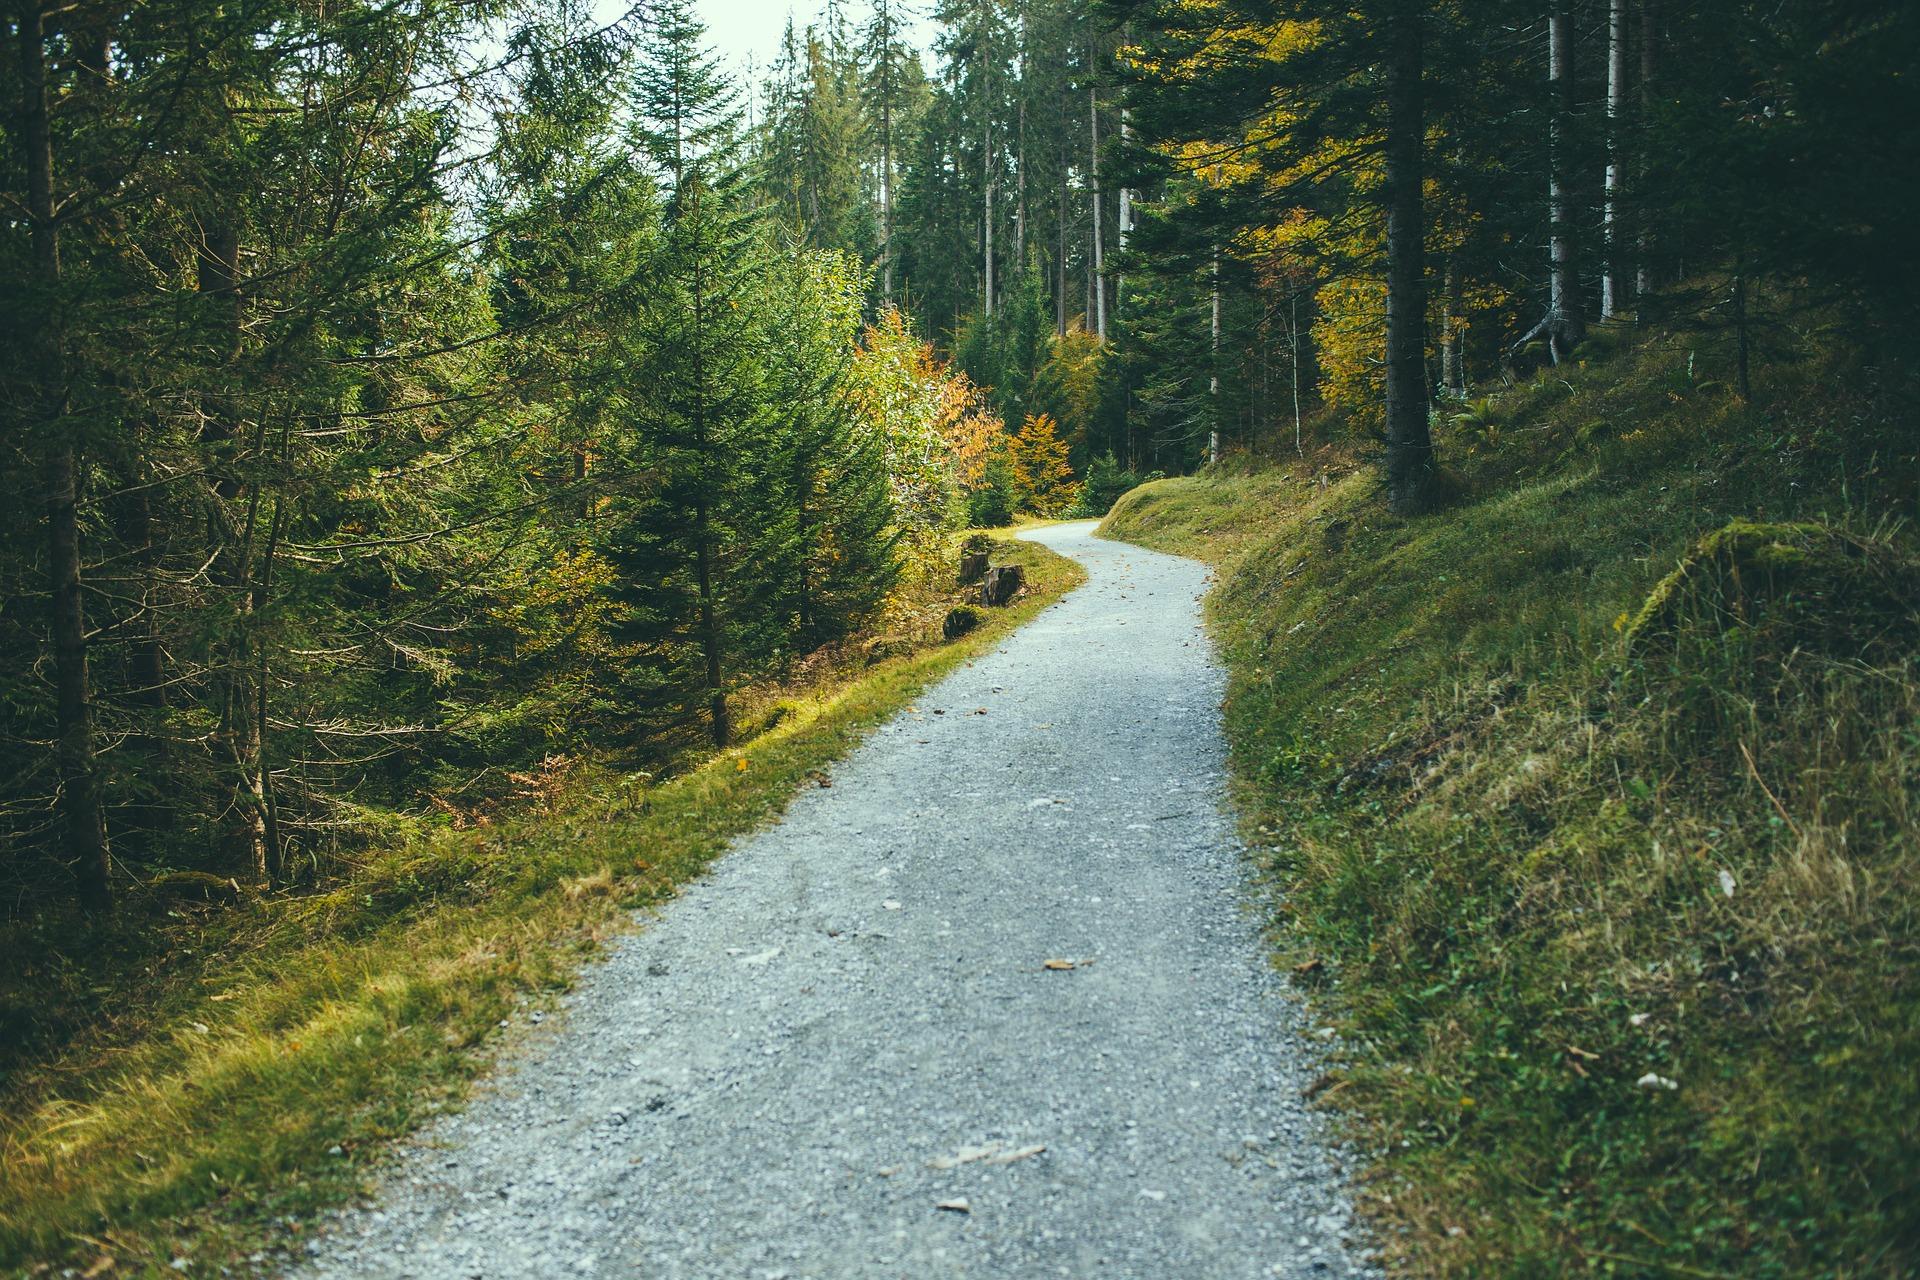 Fodrejser, vandrehjem og kroppens sundhed